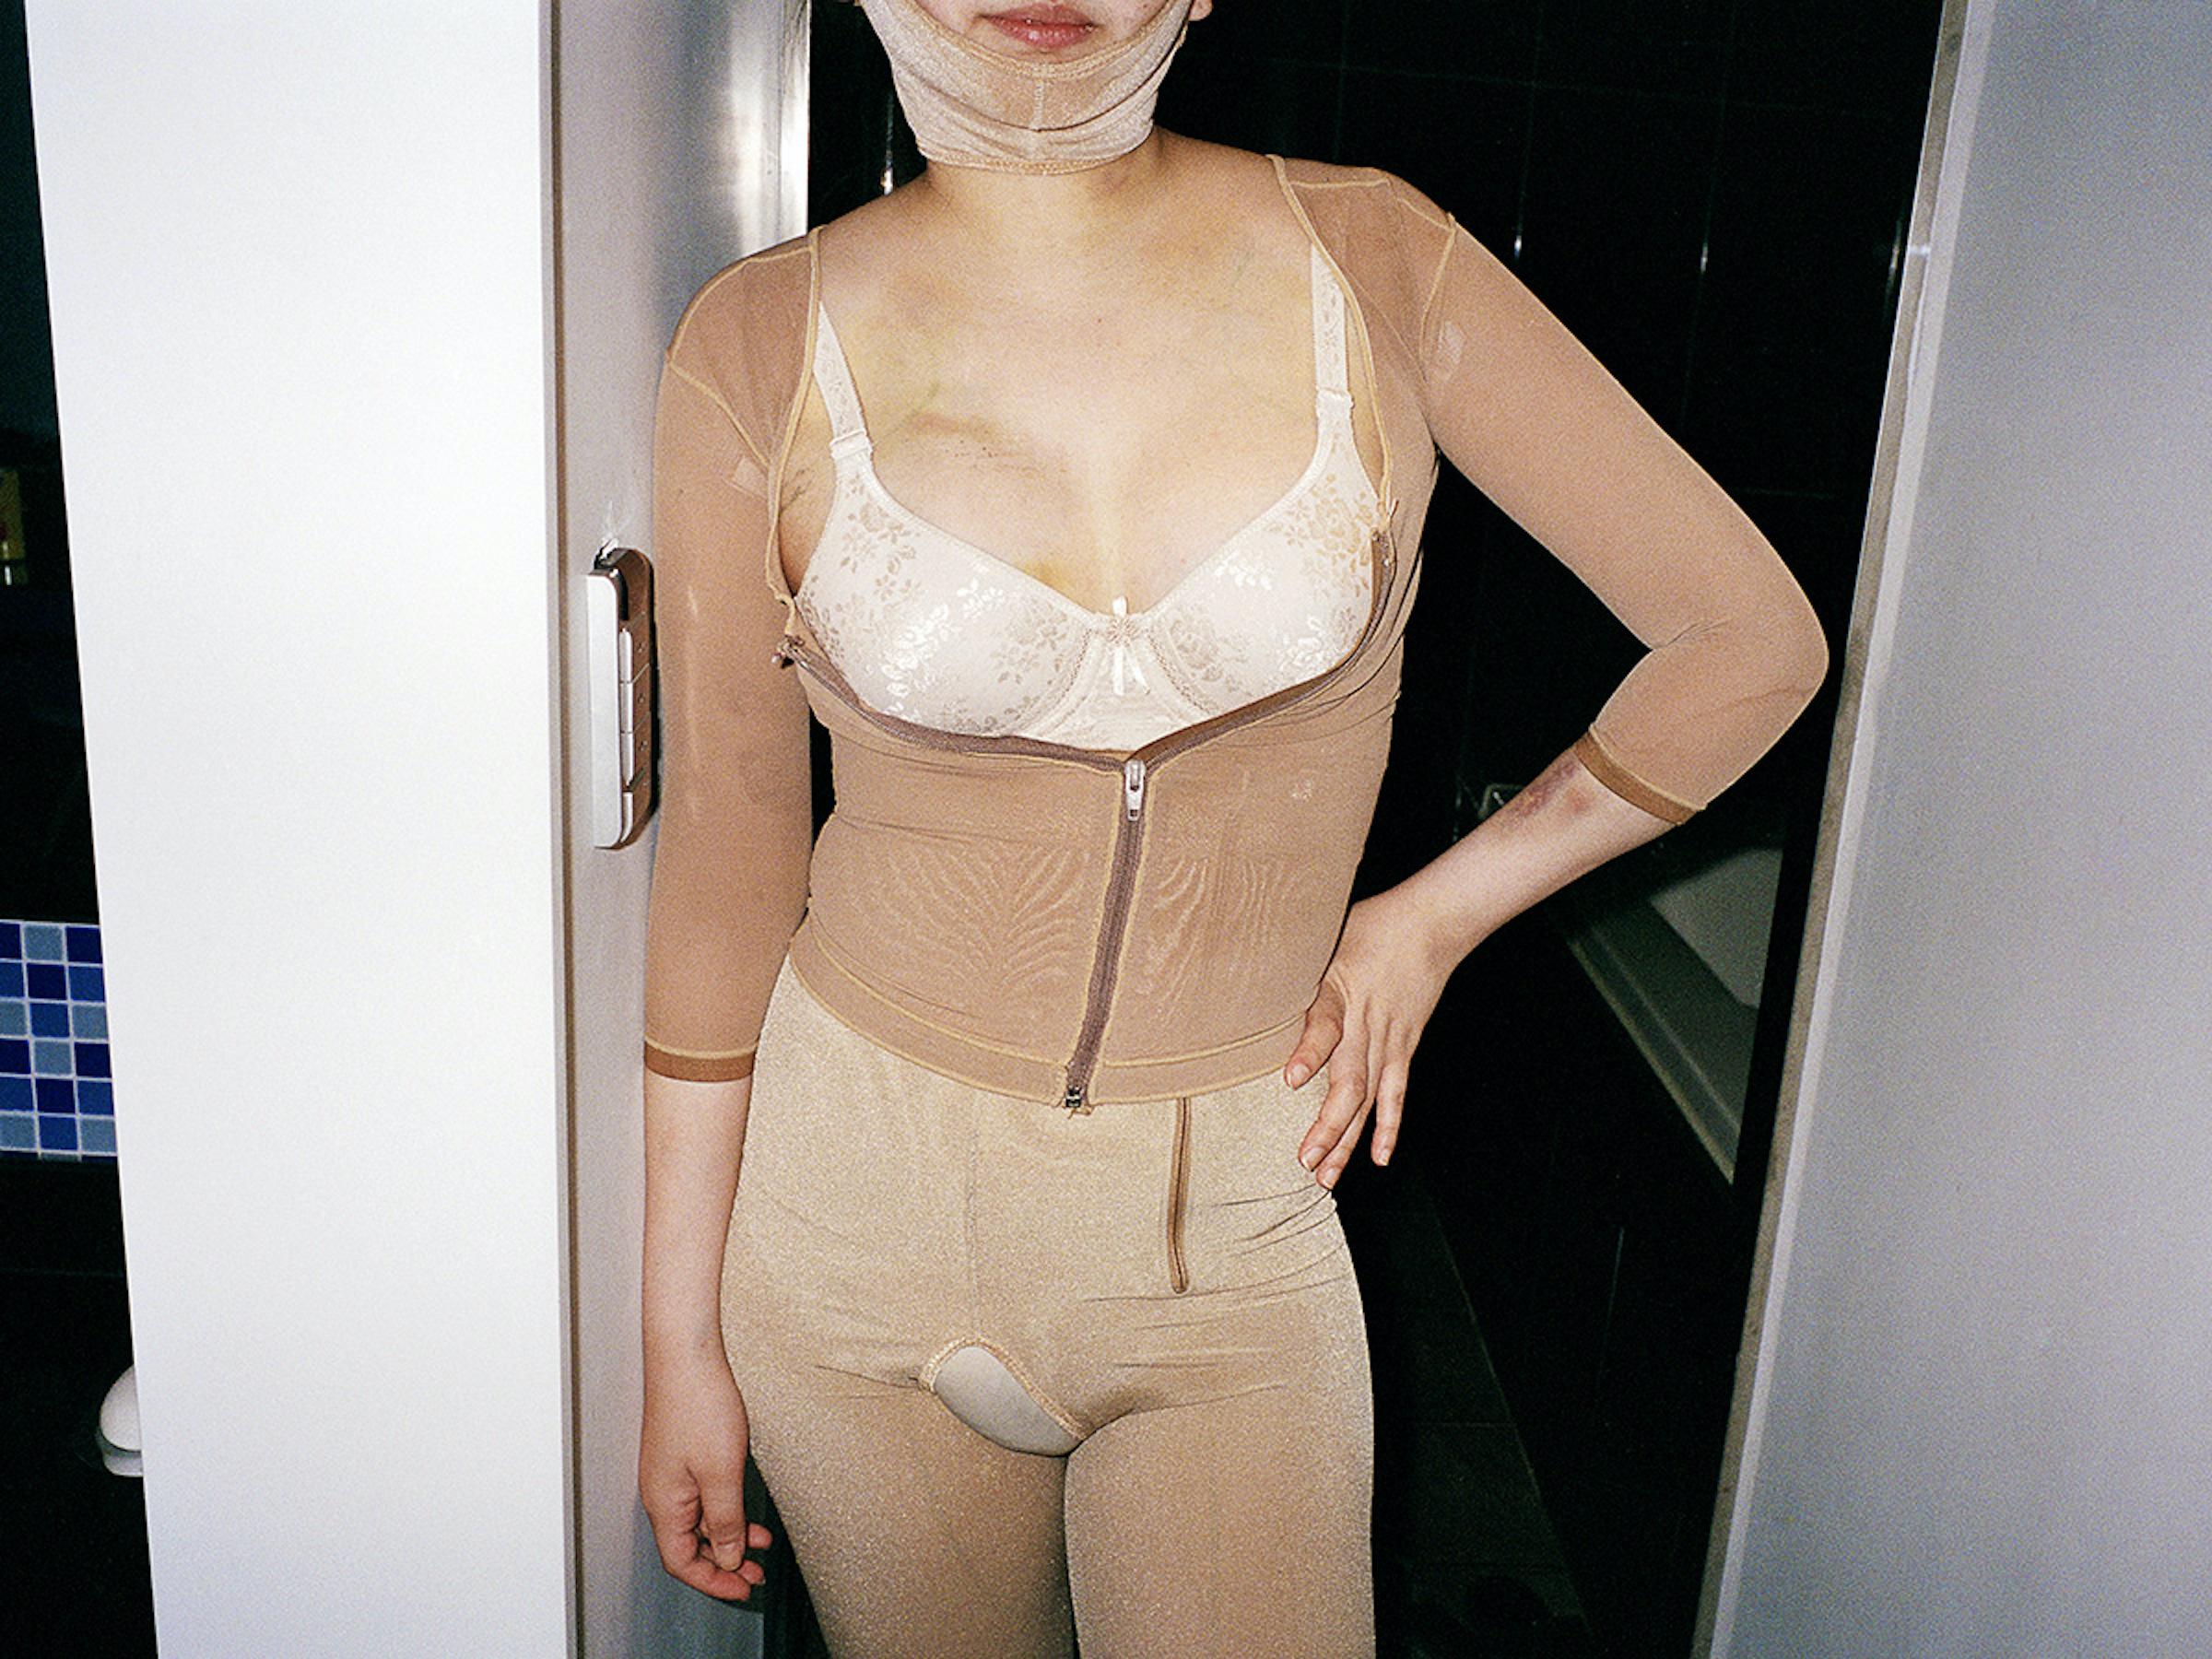 Ji Yeo, Beauty Recovery Room 011, 23 Years Old, Seoul, 2011